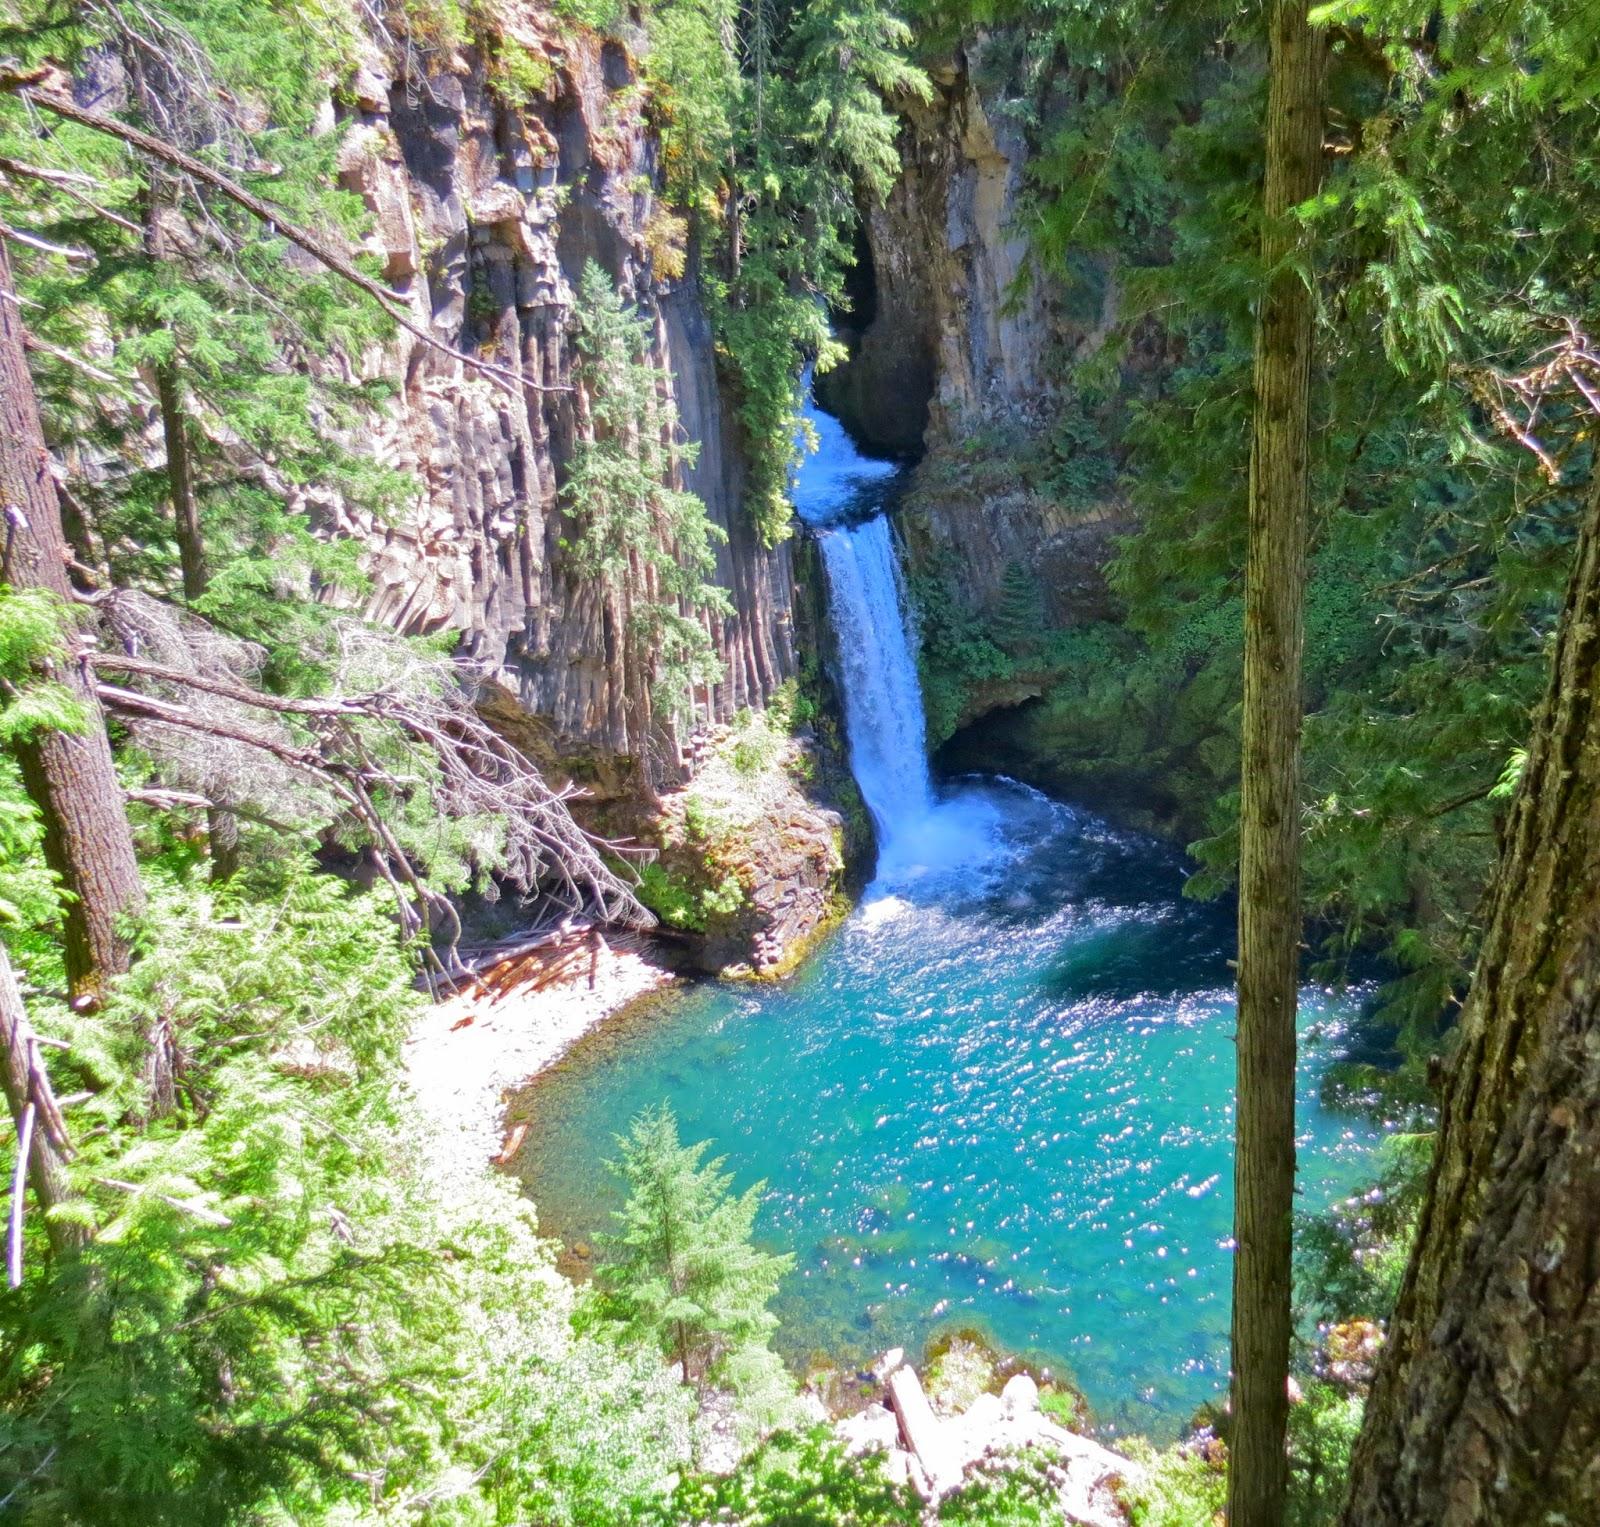 Basalt Stone Umpqua National Forest : Where s liz toketee campground umpqua national